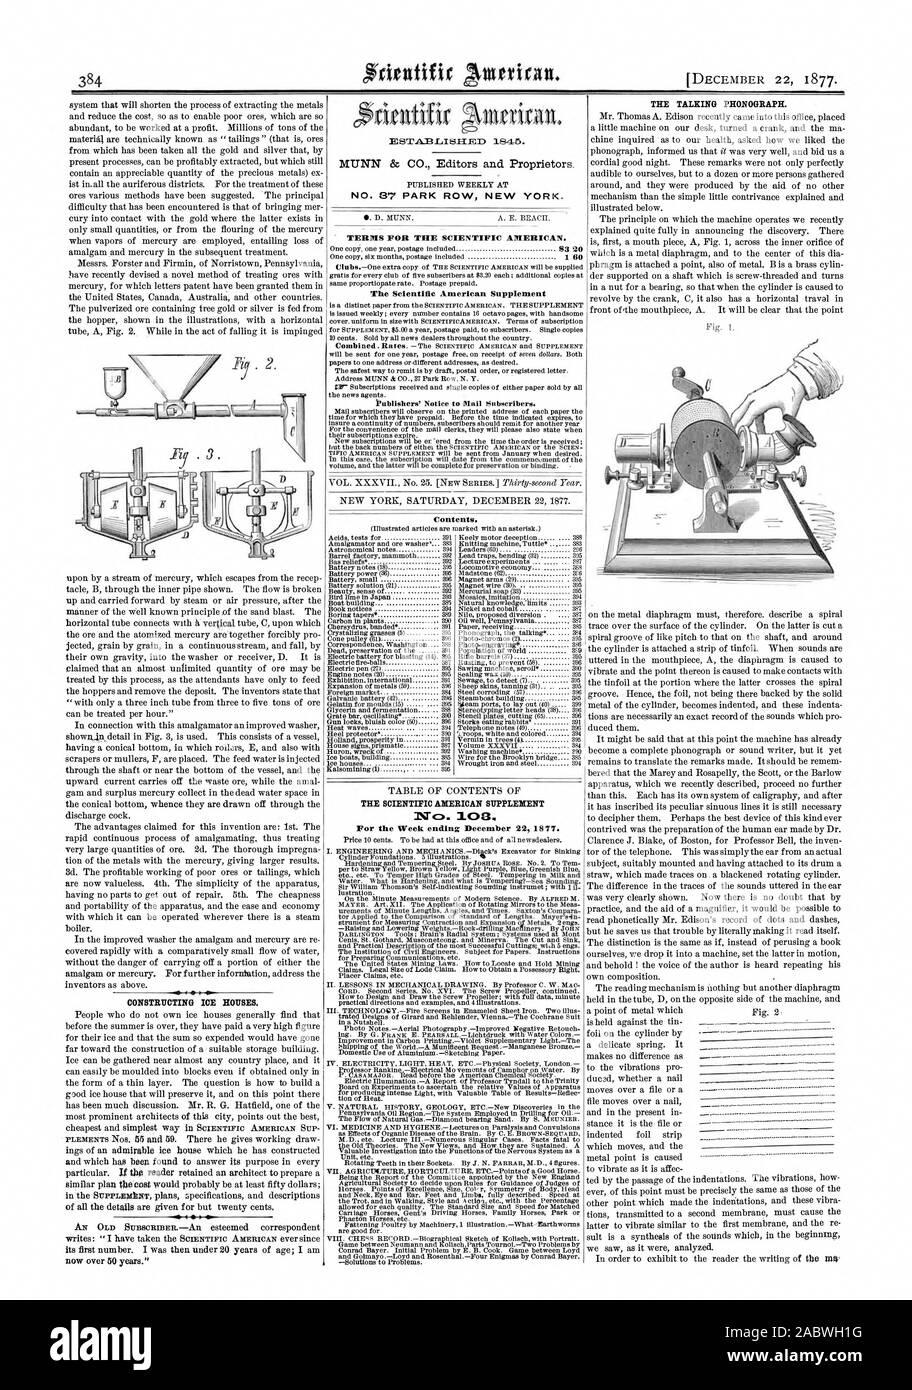 Bau von ICE-HÄUSER. Nr. 87 PARK ROW NEW YORK. Bedingungen für den Scientific American. Der Scientific American Supplement Inhalt. Nca. 103 für die Woche zum 22. Dezember 1877 endet. Der sprechende Phonographen. Faß Foto - engravit, 1877-12-22 Stockfoto